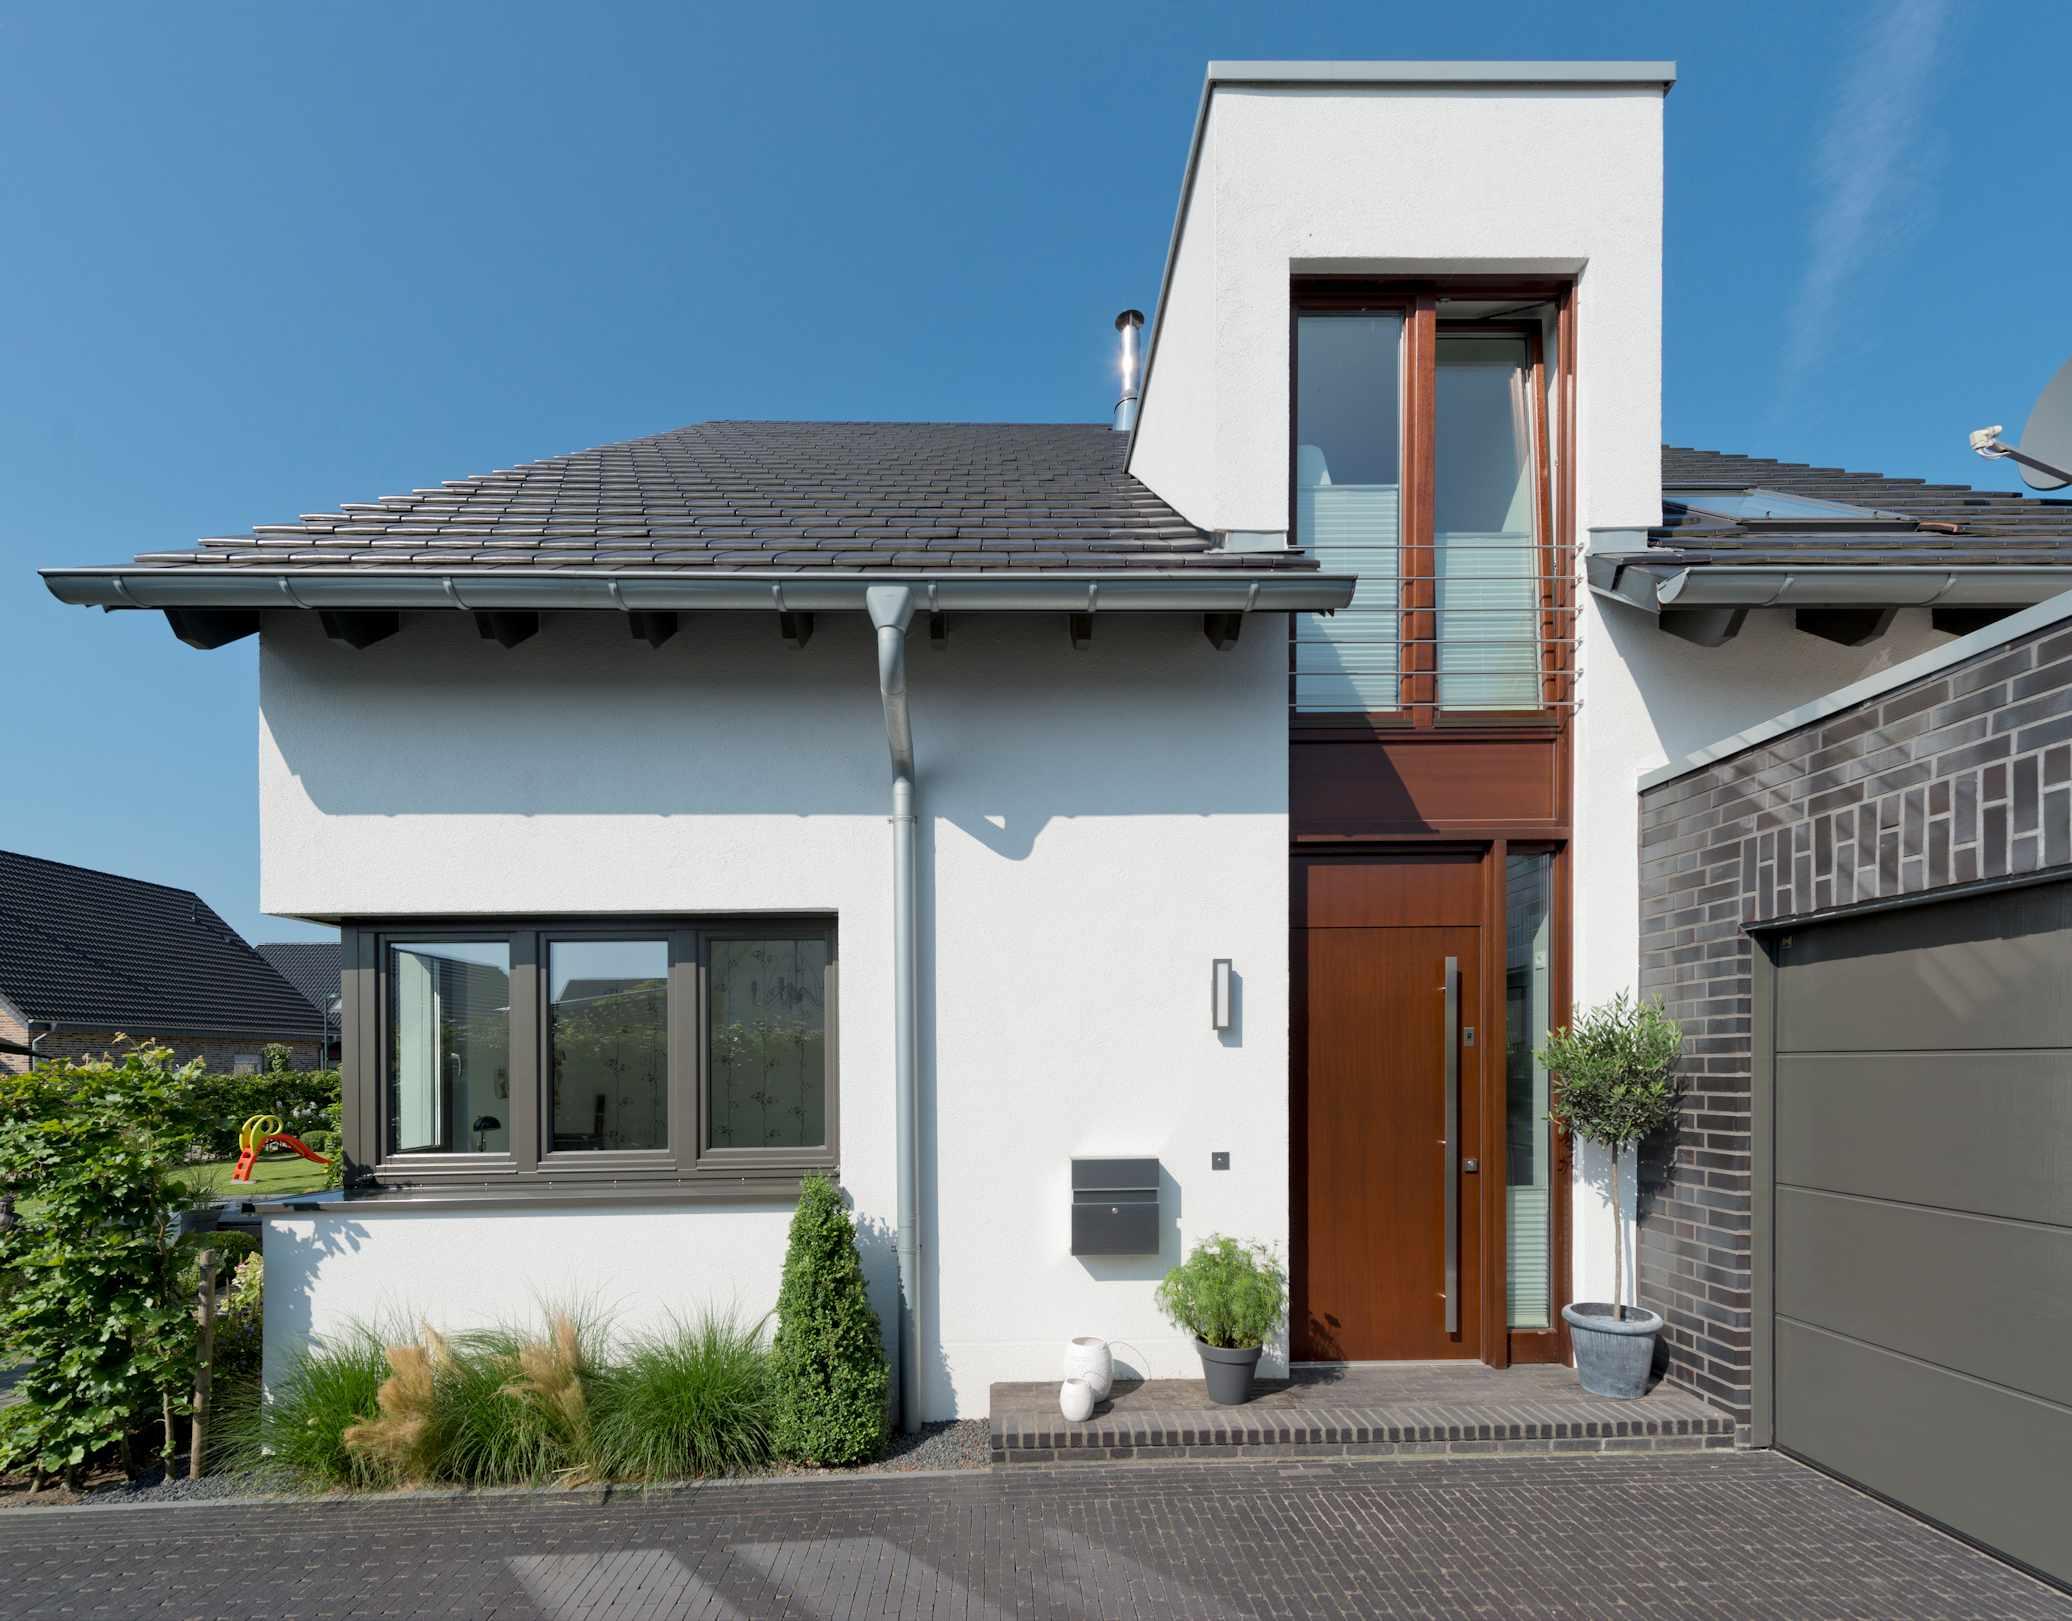 individuelles Holzhaus, Putzfassade, Zwerchgiebel, Haustüranlage